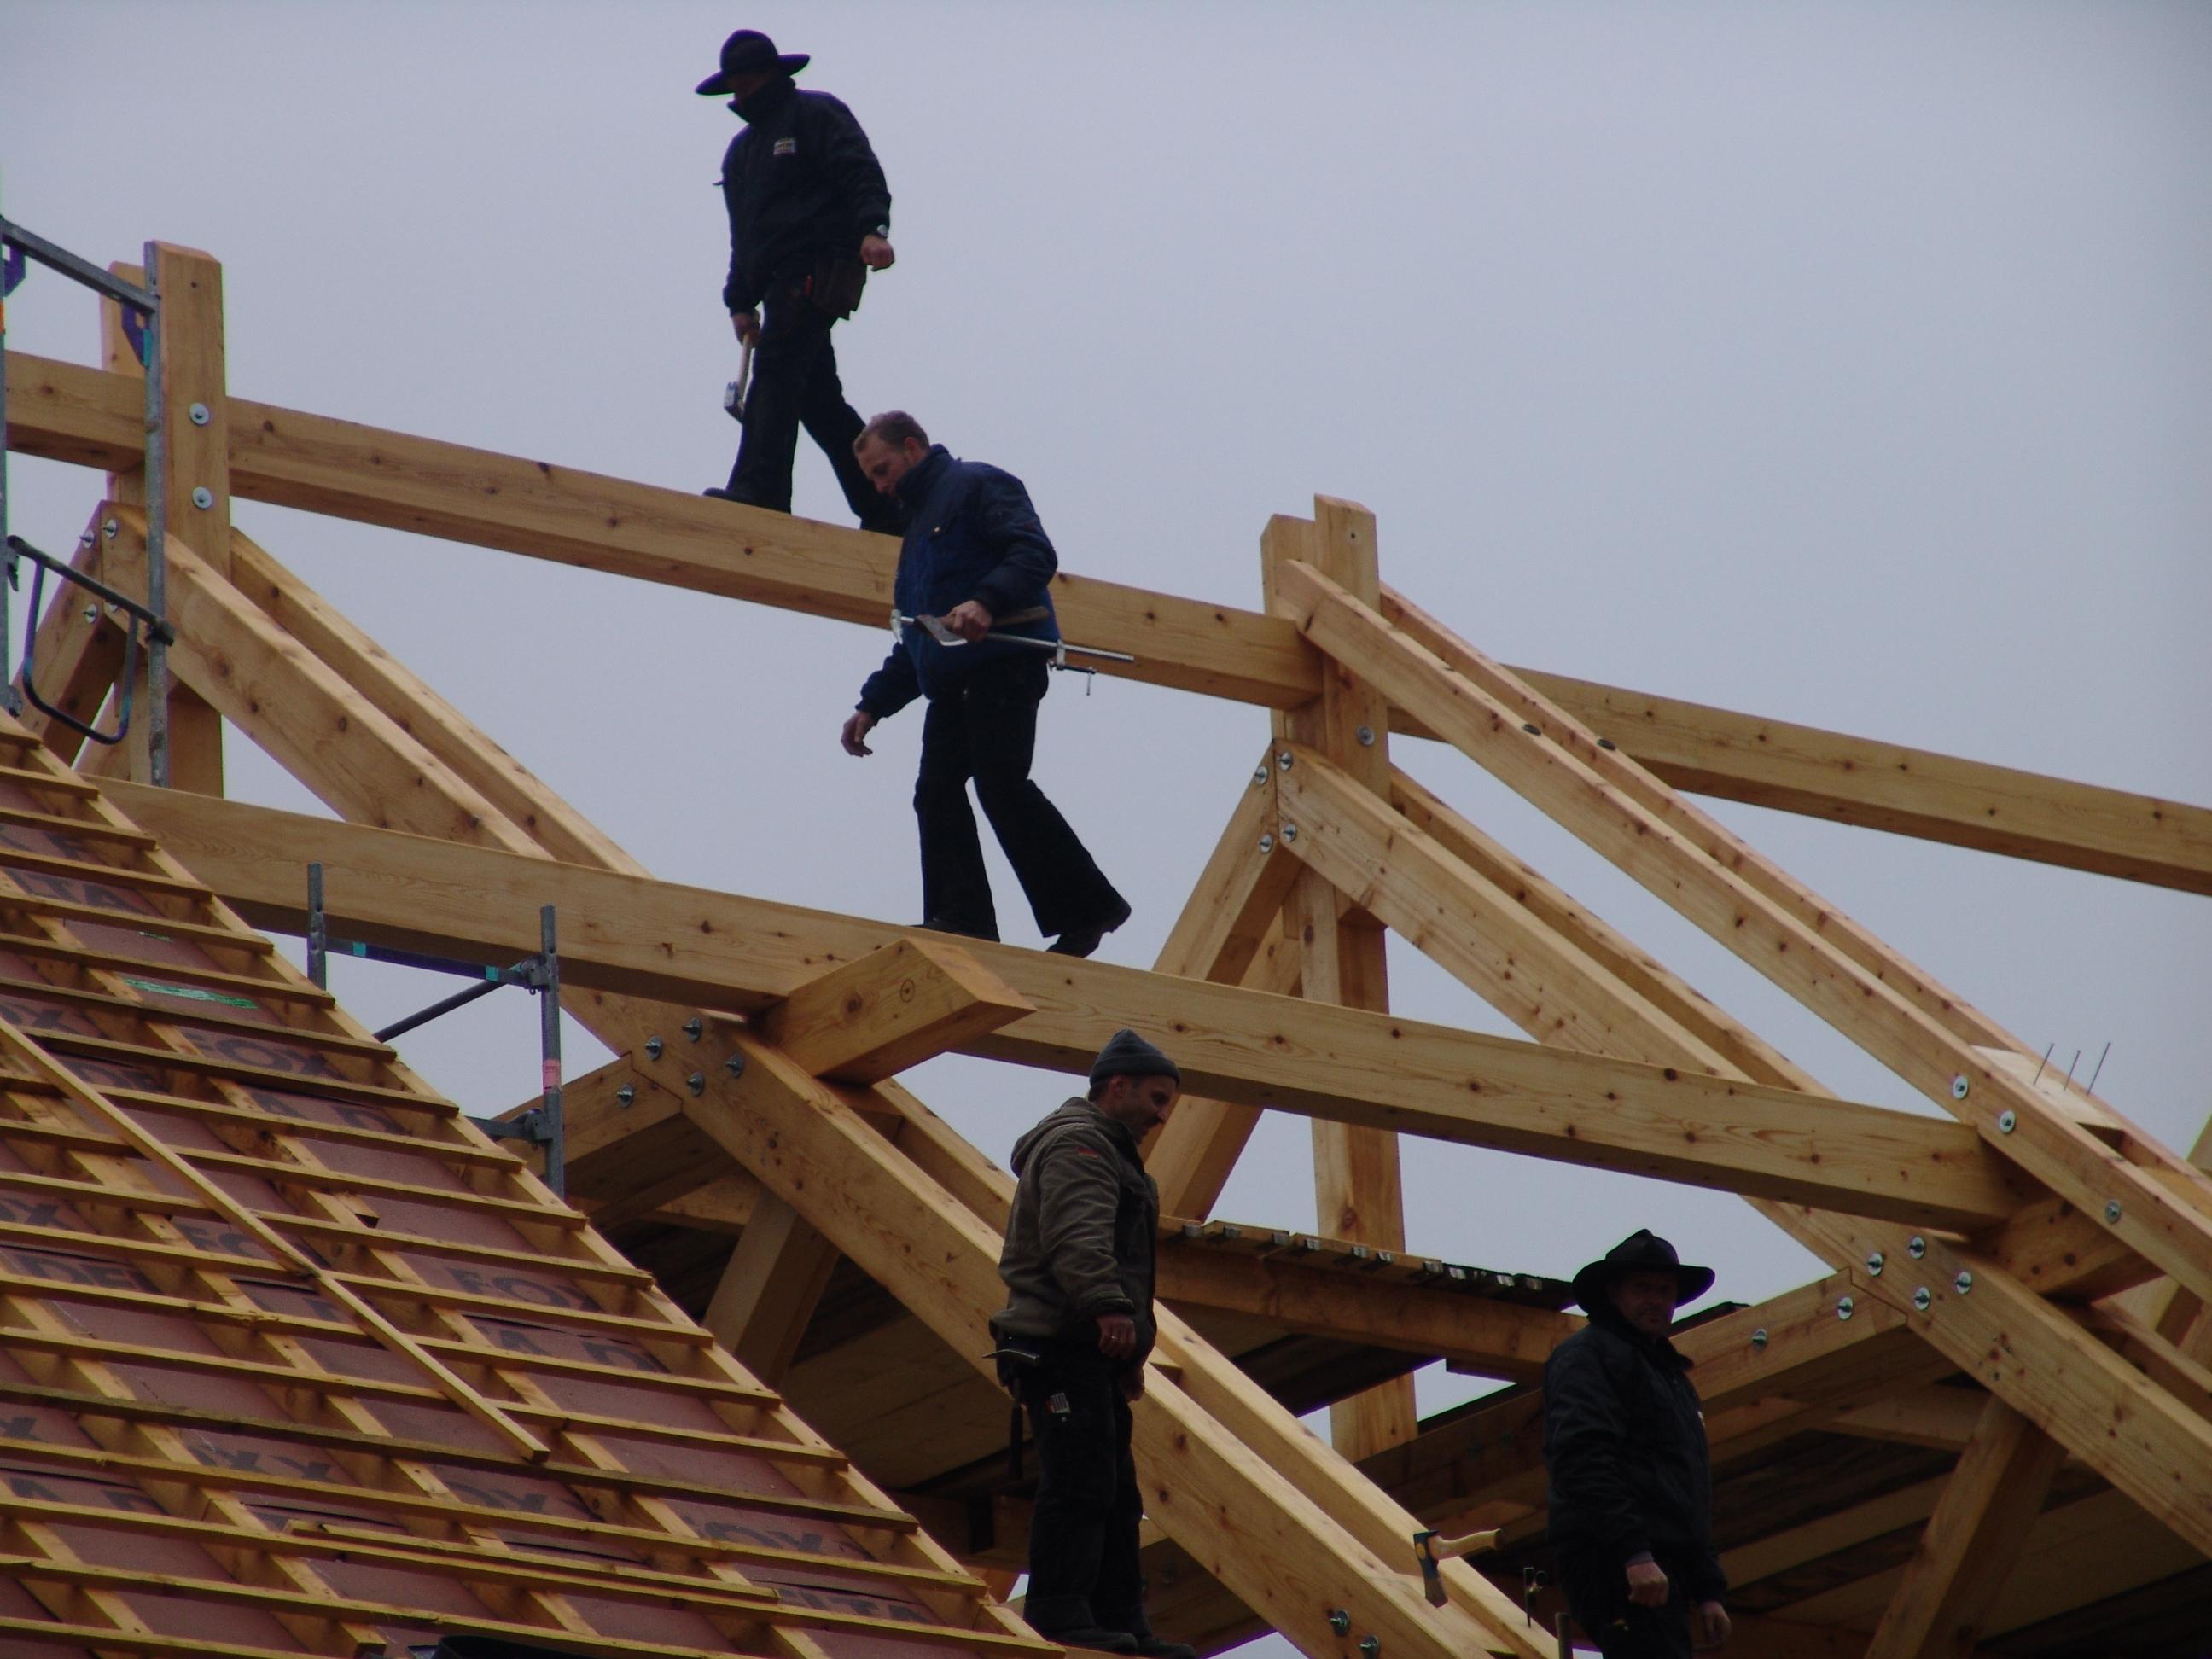 ドイツの職人養成 デュアルシステム ②木大工職人の養成